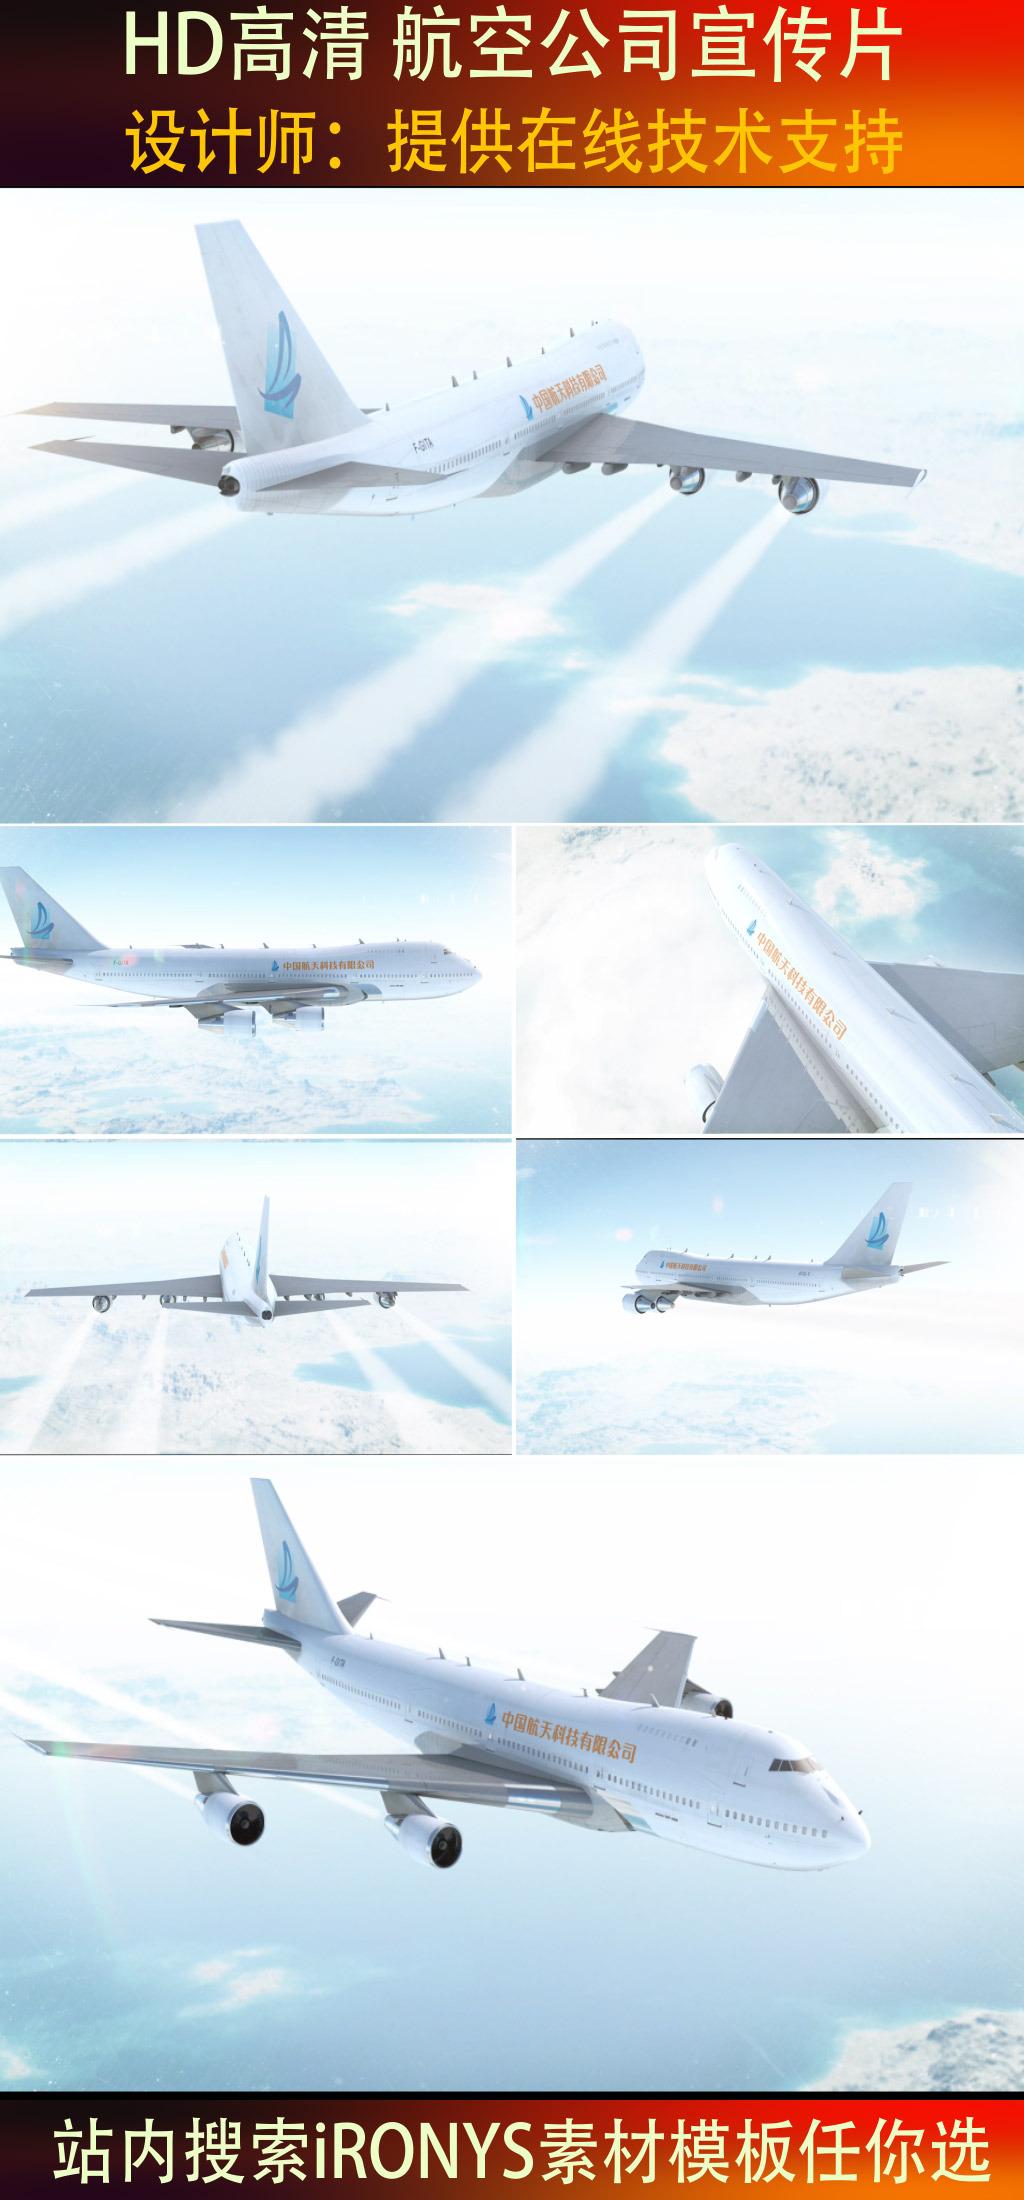 中国航空有限公司宣传片 企业宣传企业文化 飞机视频 飞机飞翔  :34我